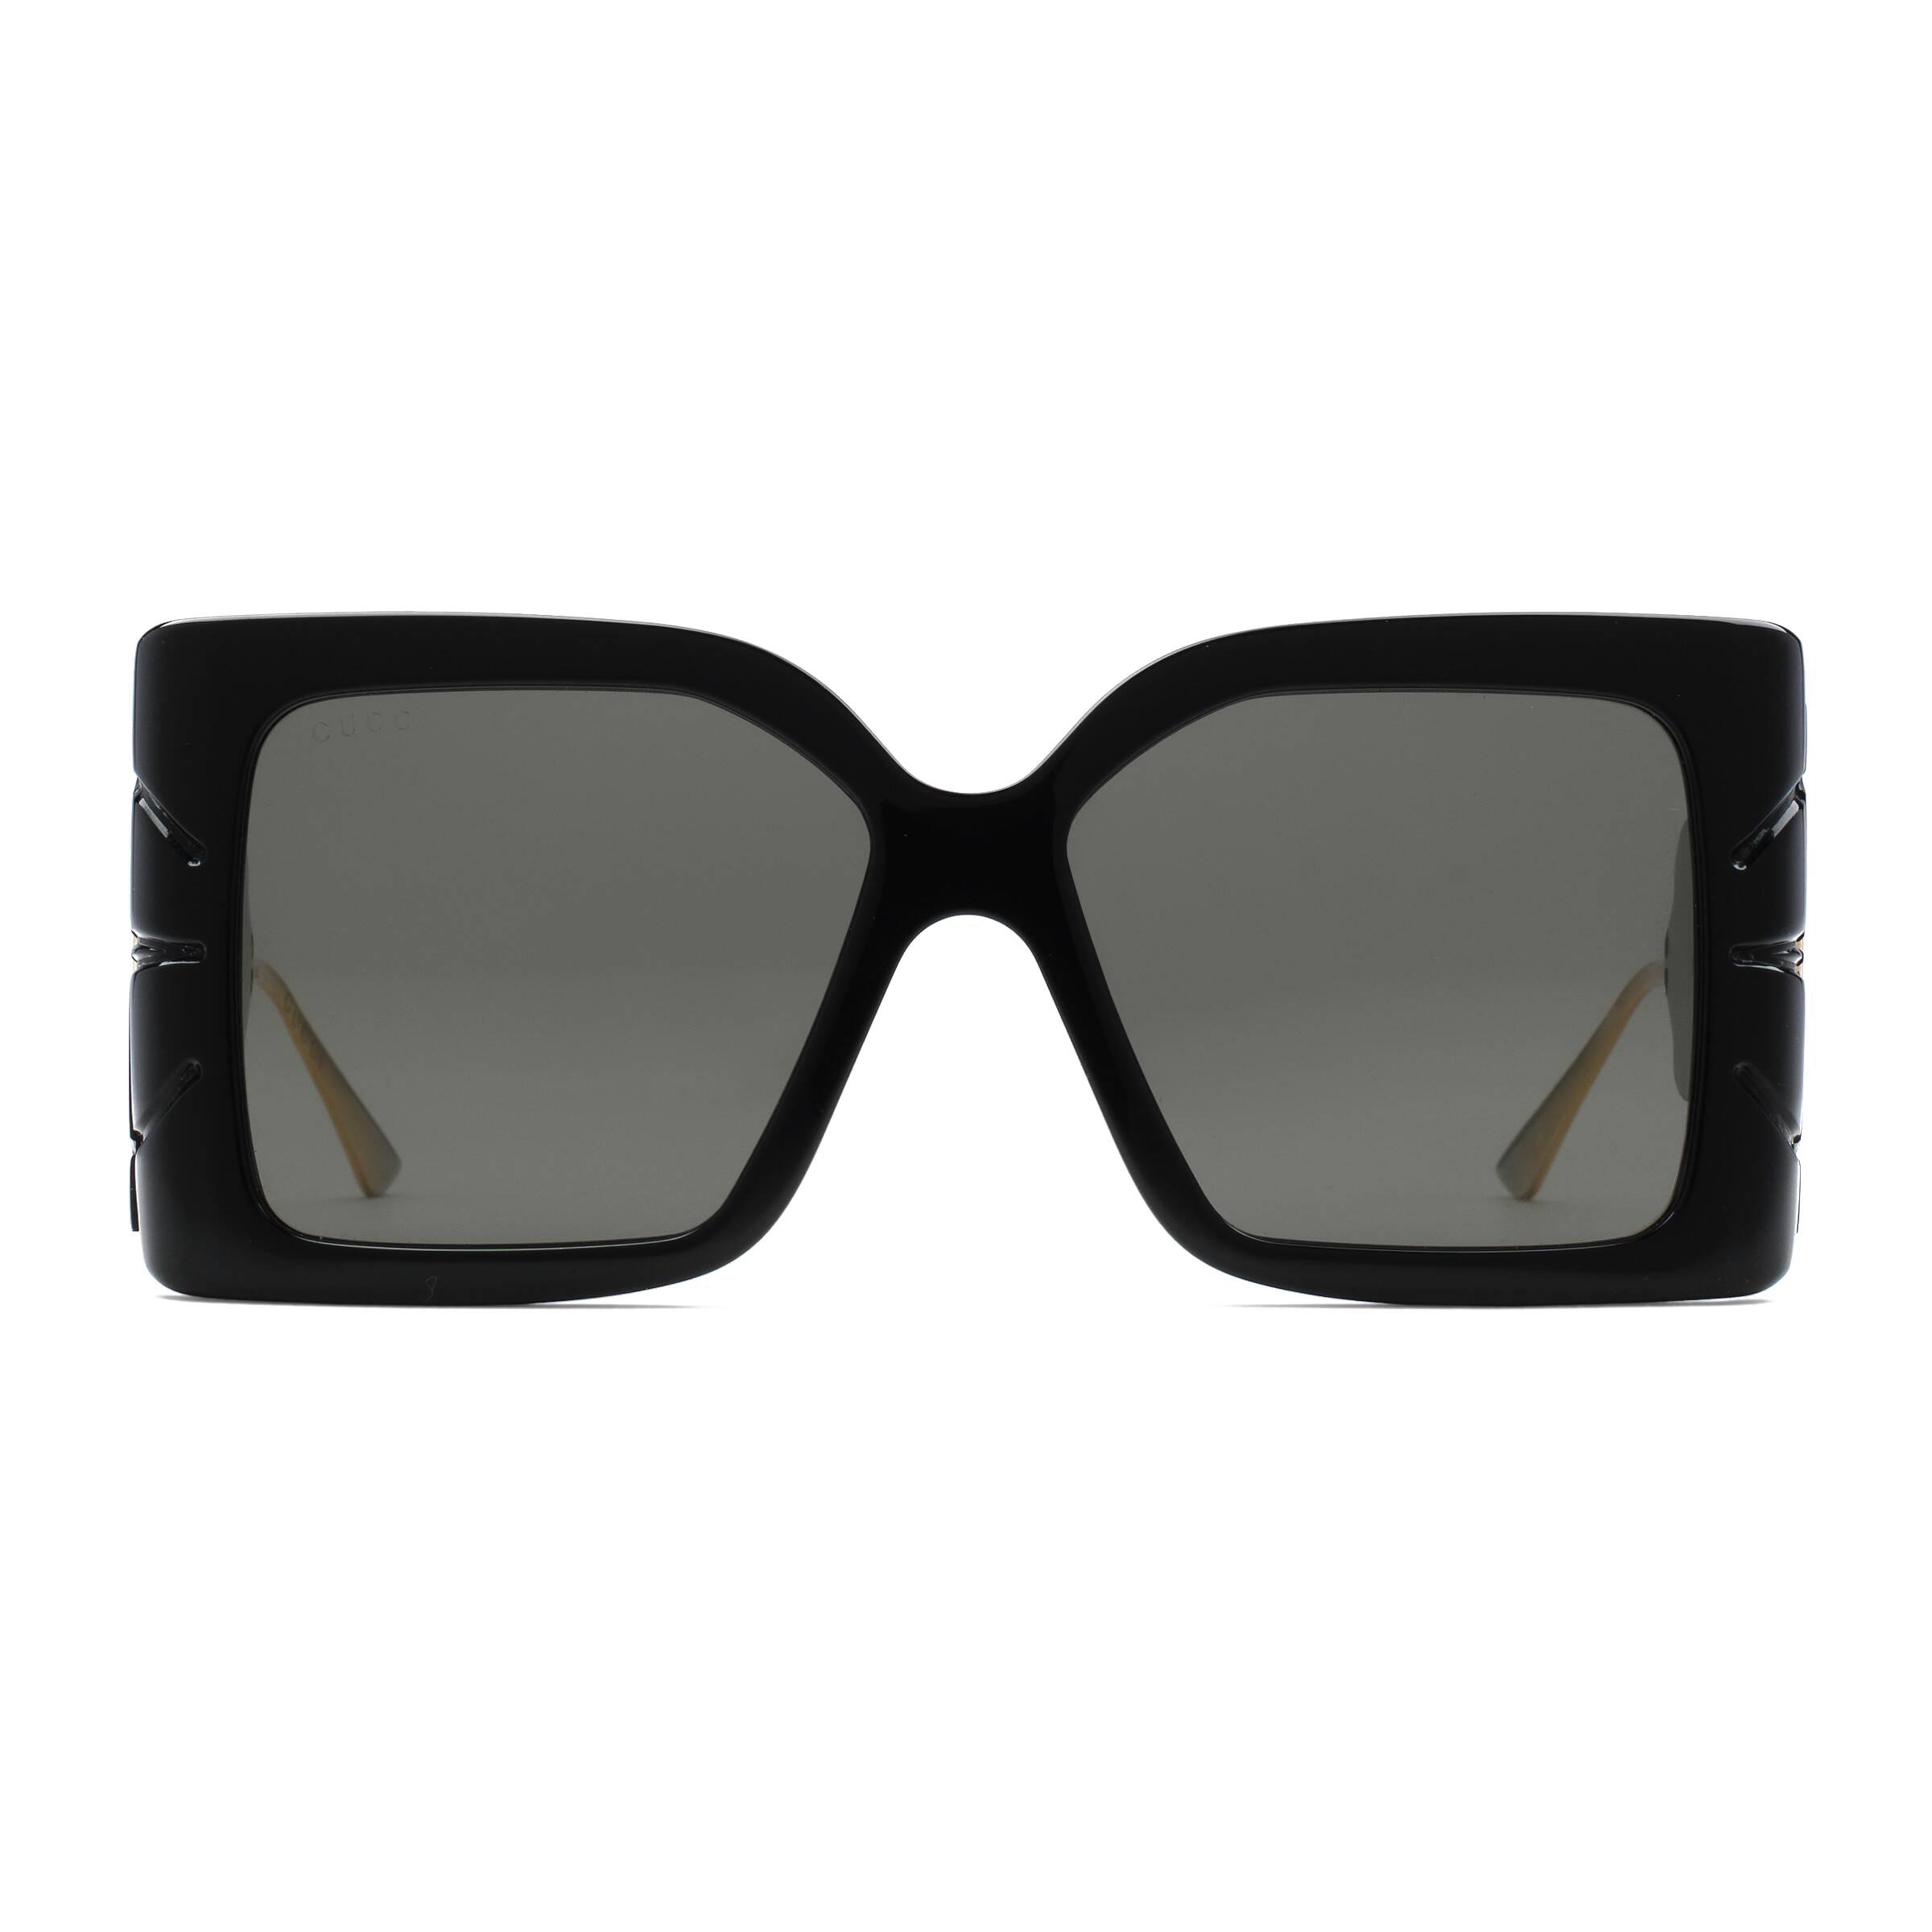 469990a80 Gucci - Square Acetate Sunglasses - Black - Gucci Eyewear - Avvenice